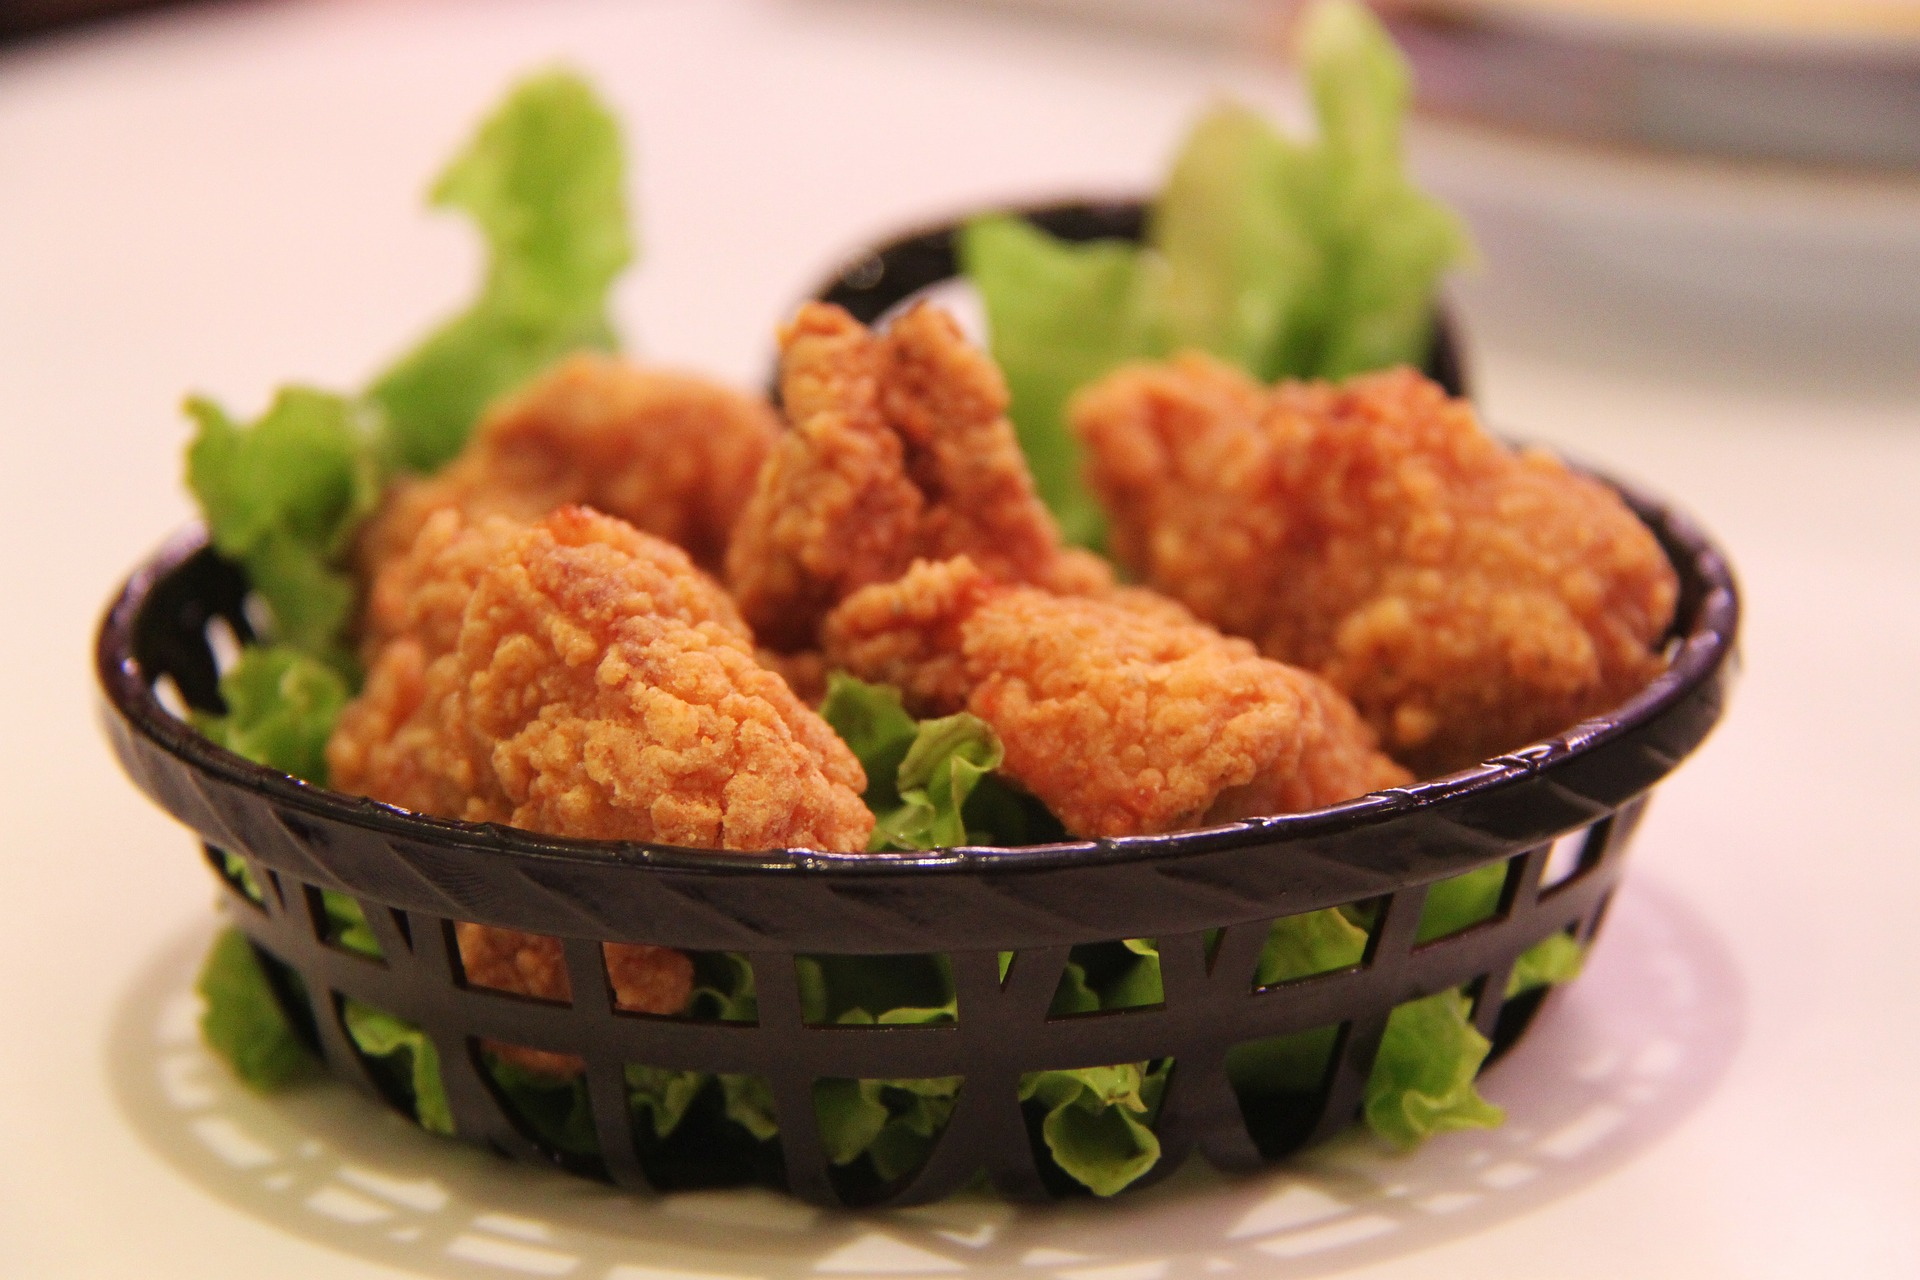 comidas pollo frito